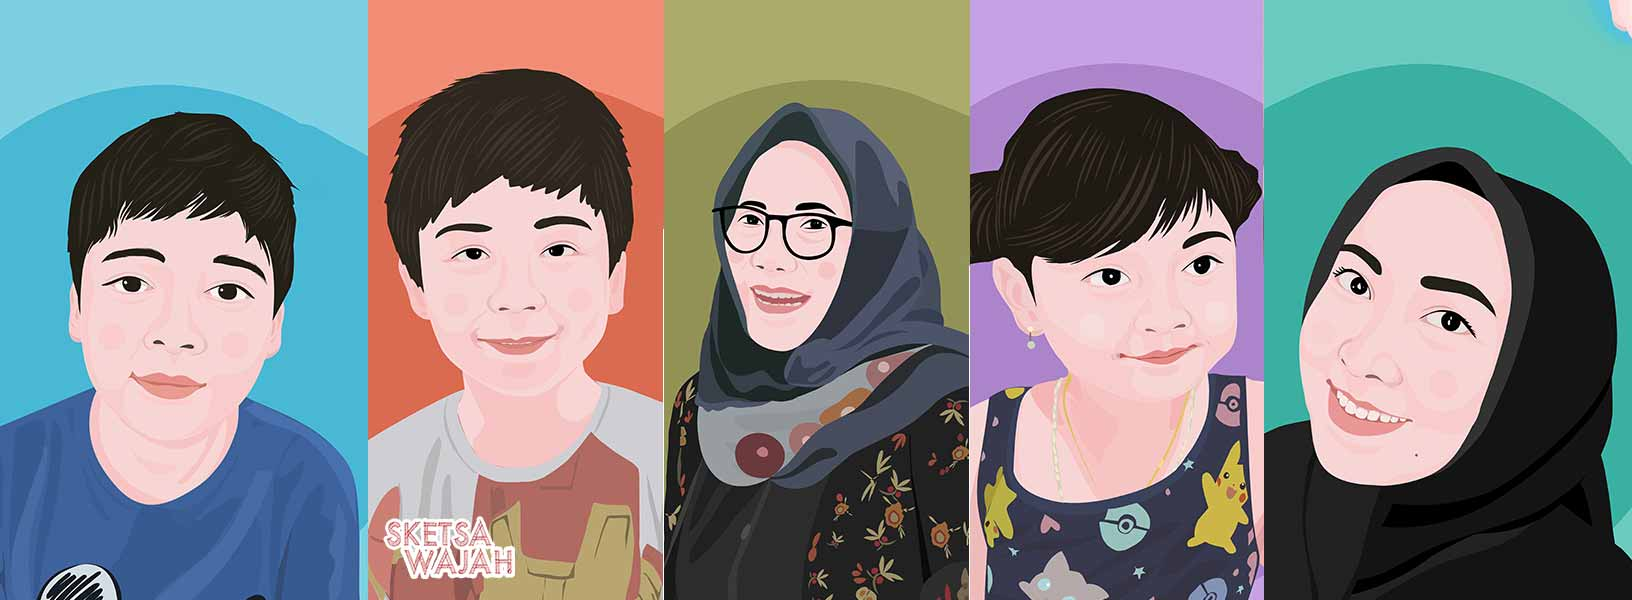 Karya Illgoodx sketcher Sketsa Wajah